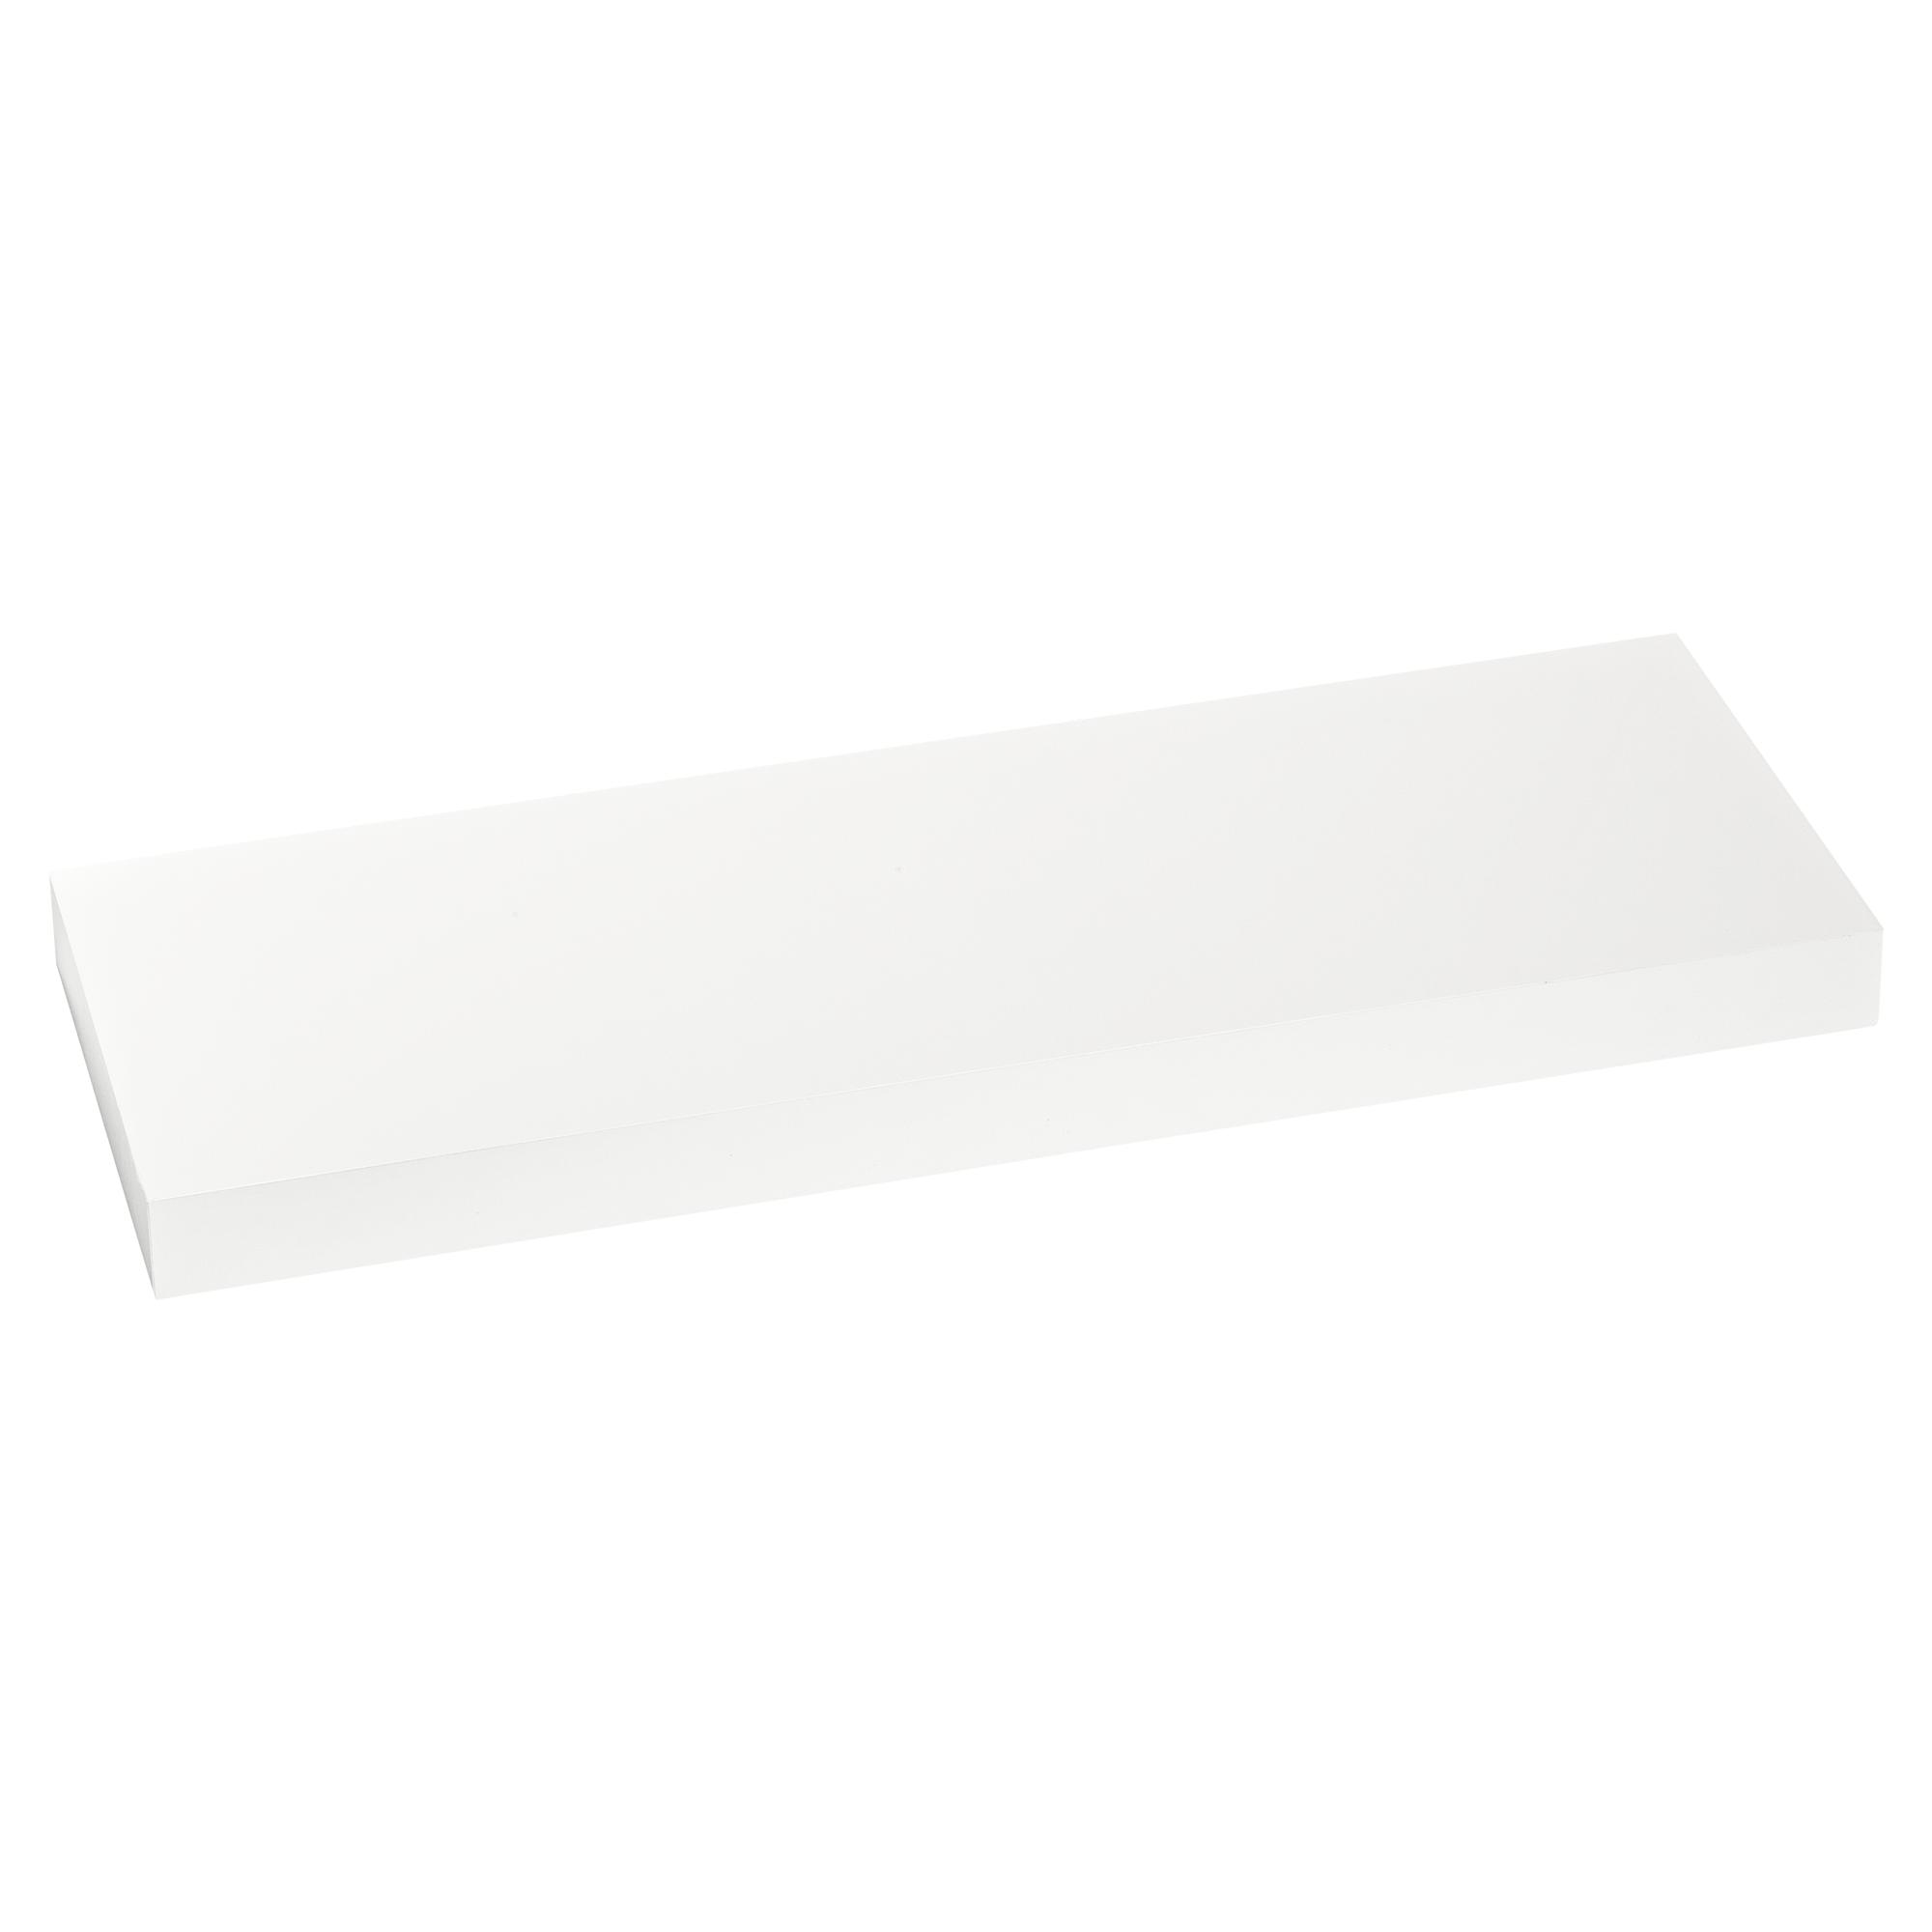 Wandboard Basic 57 X 37 20 Cm Weiss Toom Baumarkt